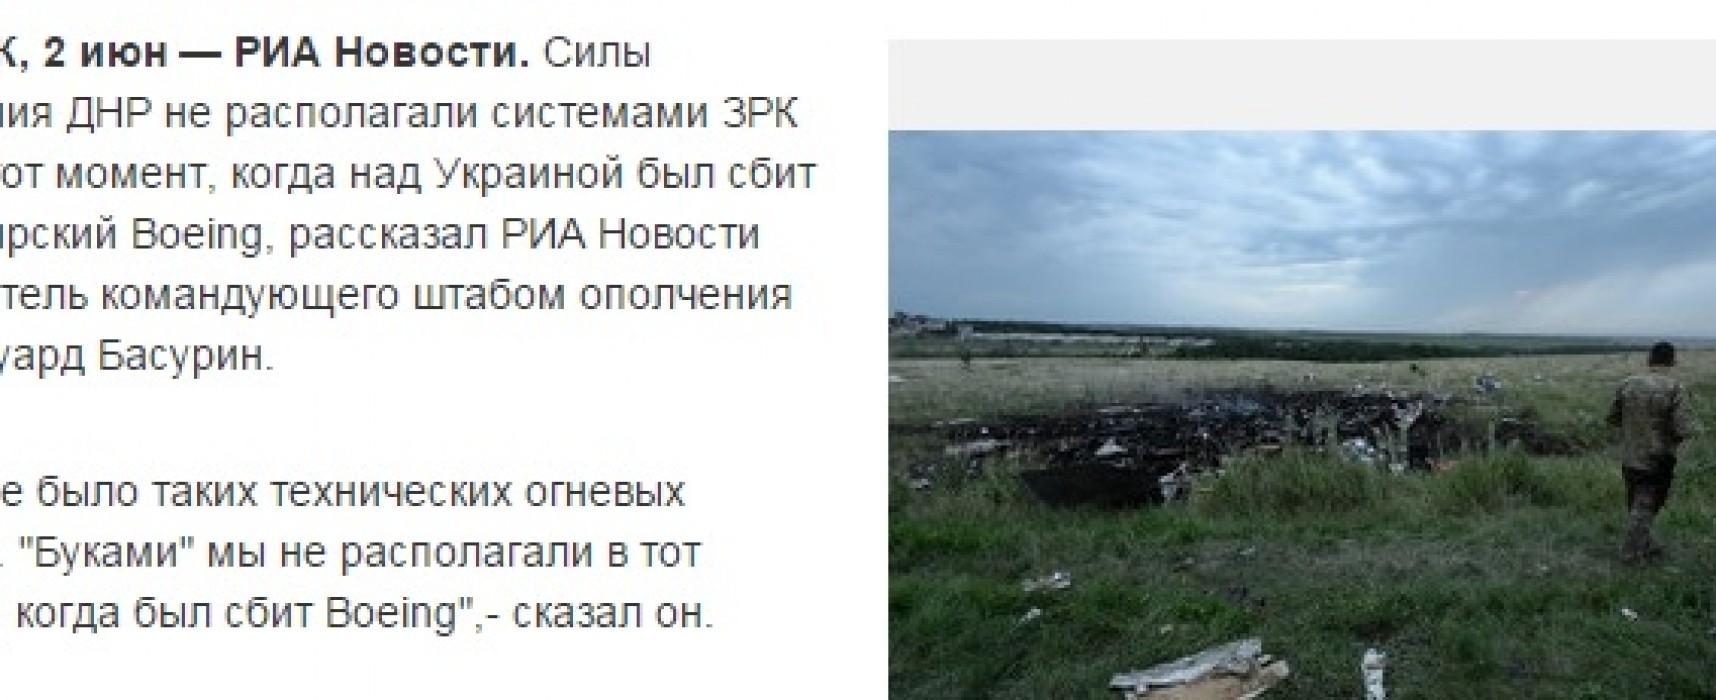 """Falso: Los milicianos-separatistas de Donbas no tenían los misiles """"Buk"""", cuando fue derribado el avión malasio MH17"""